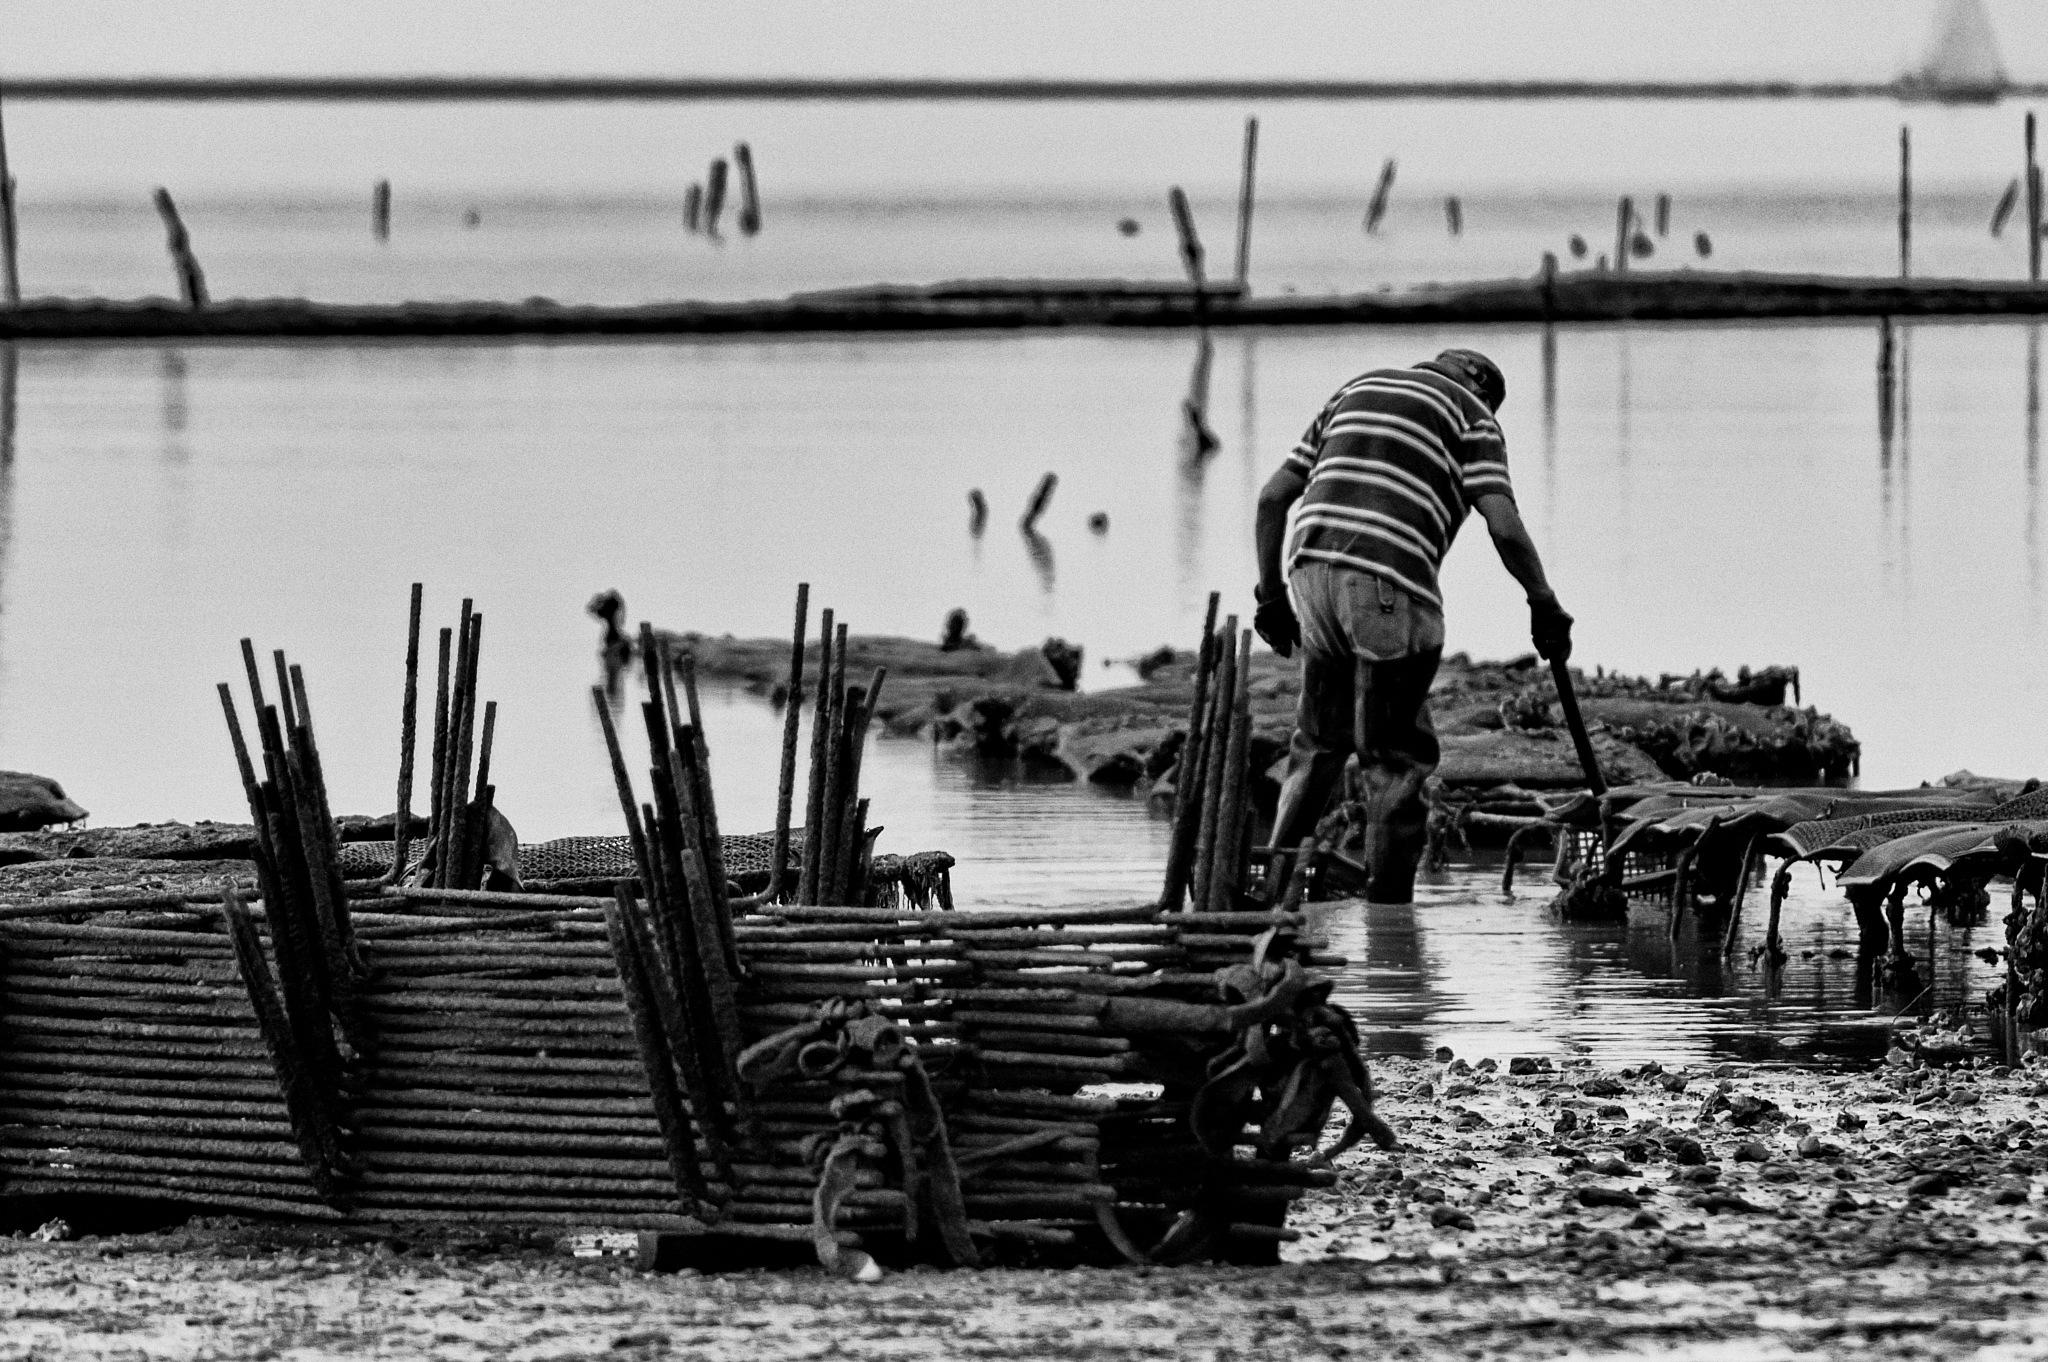 Nettoyage du parc à huitres by Fabrice Denis Photography